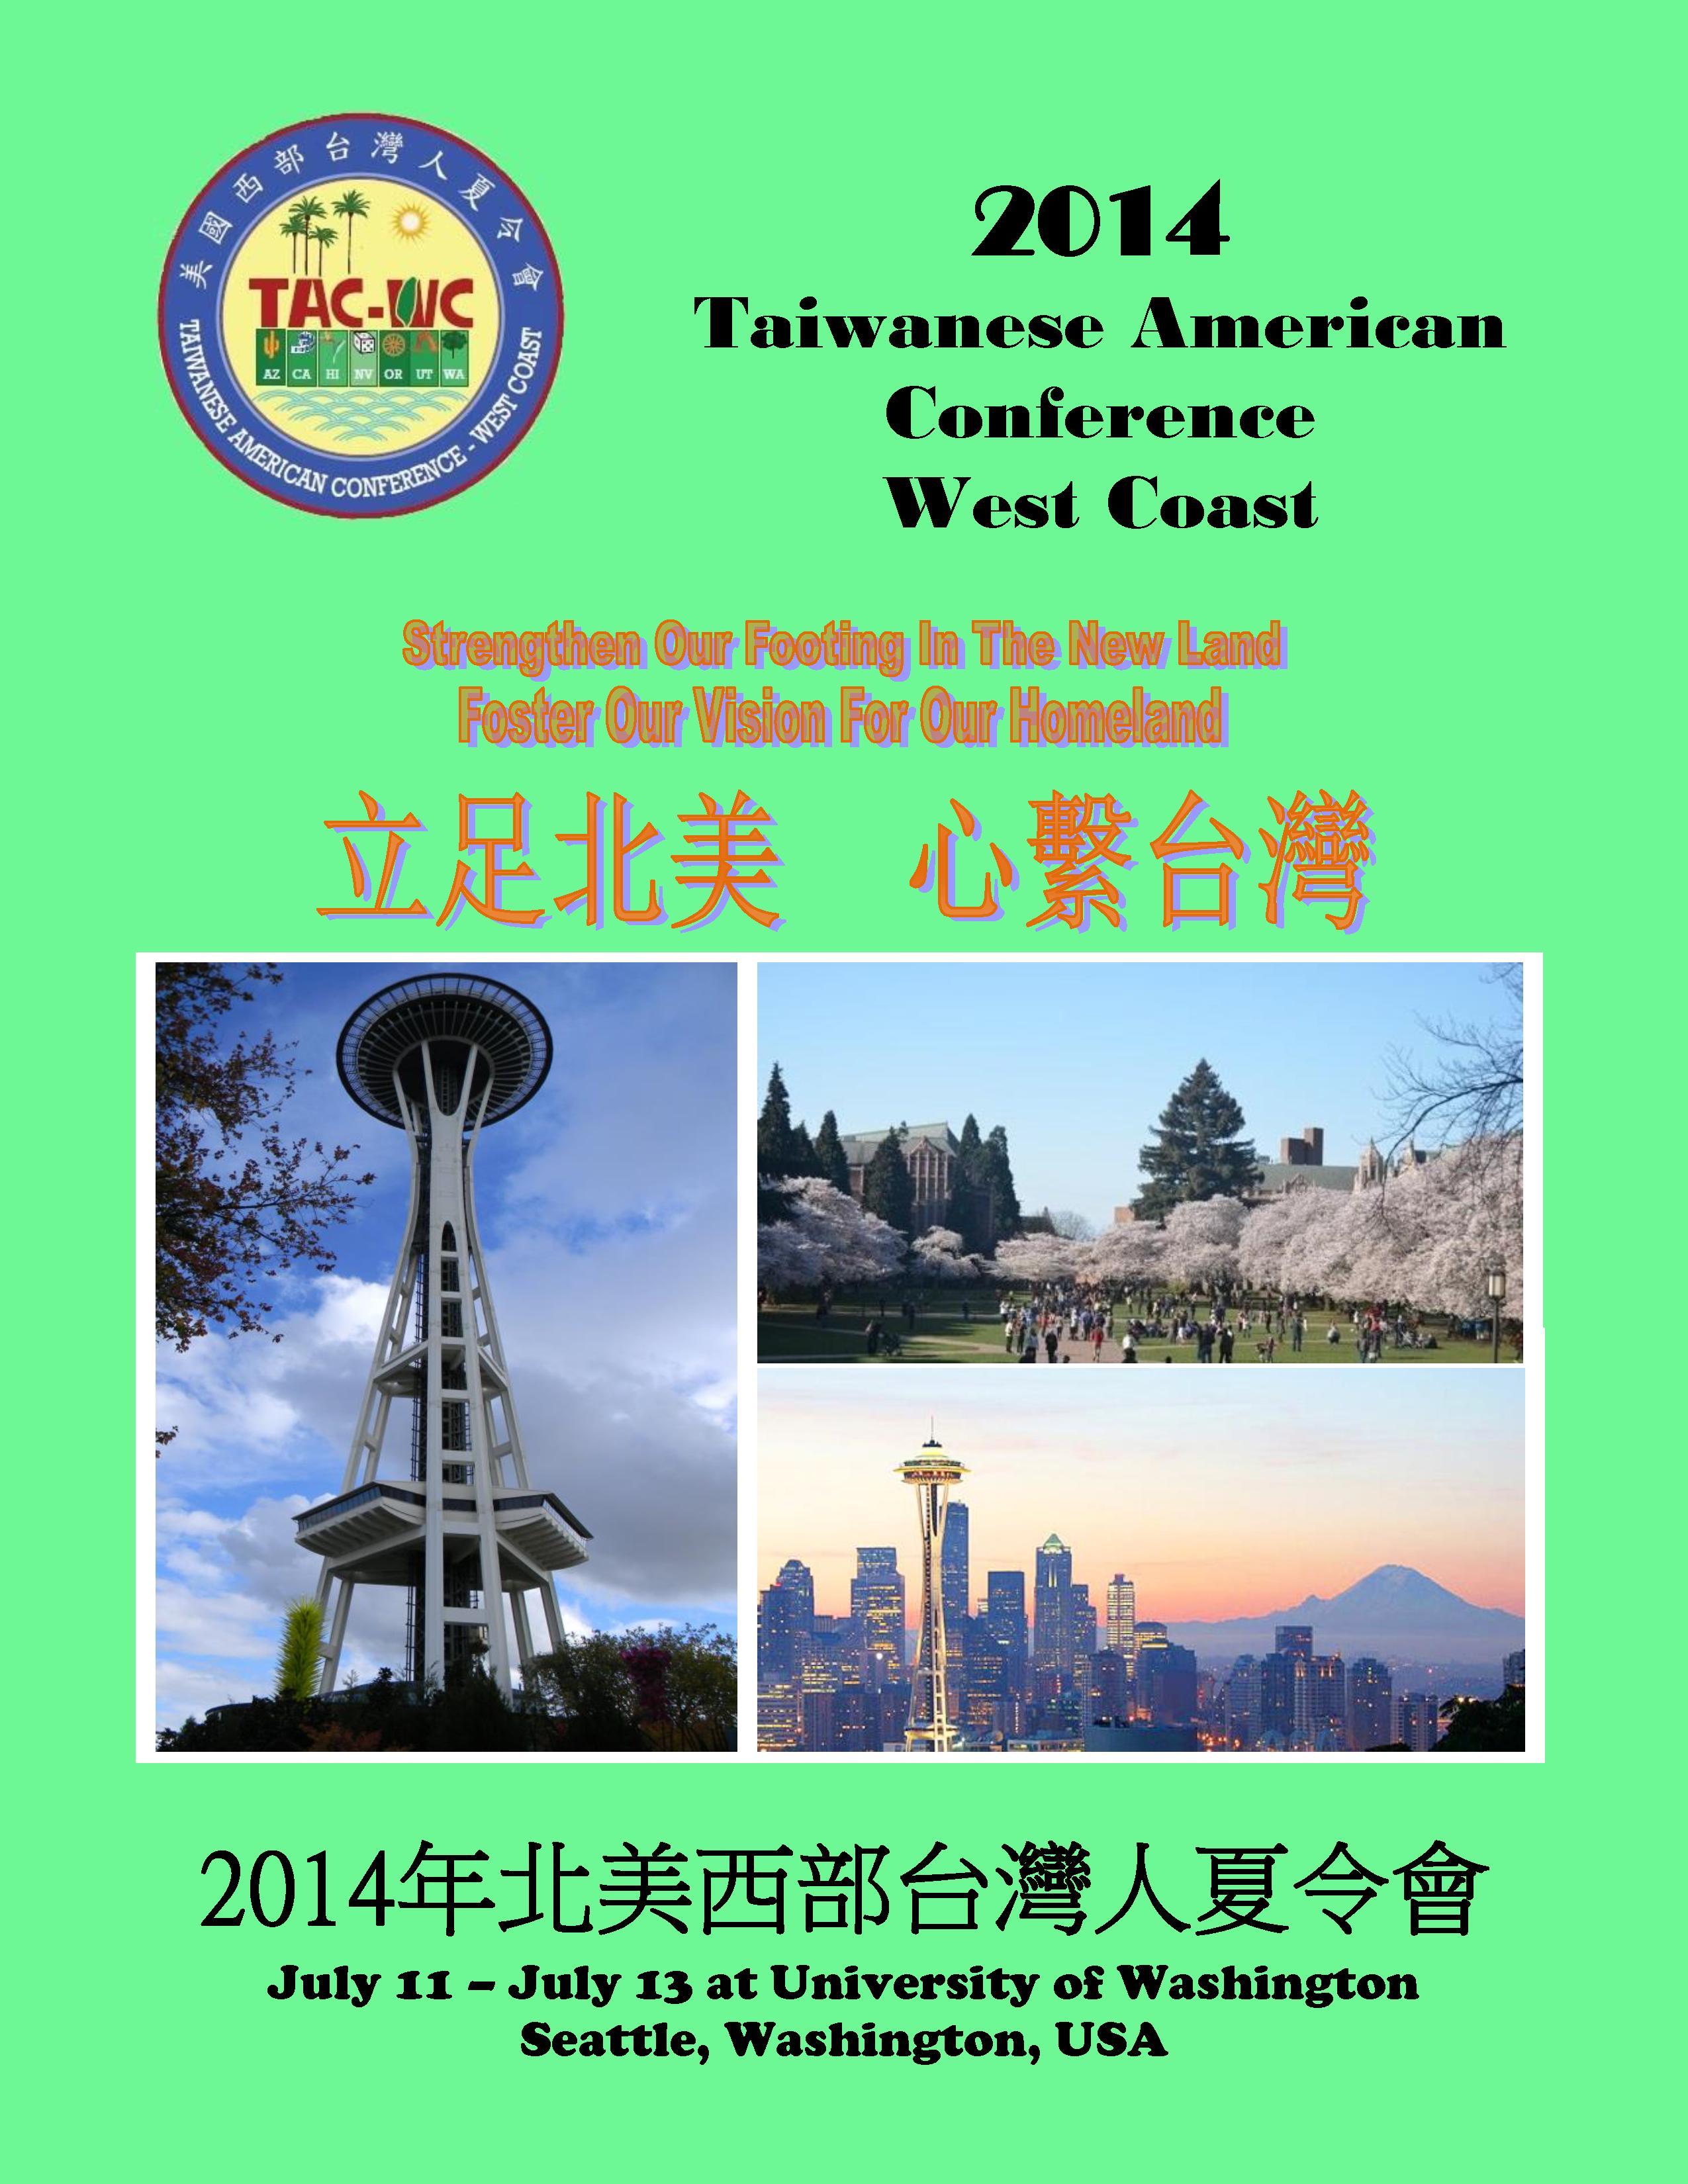 TACWC 2014